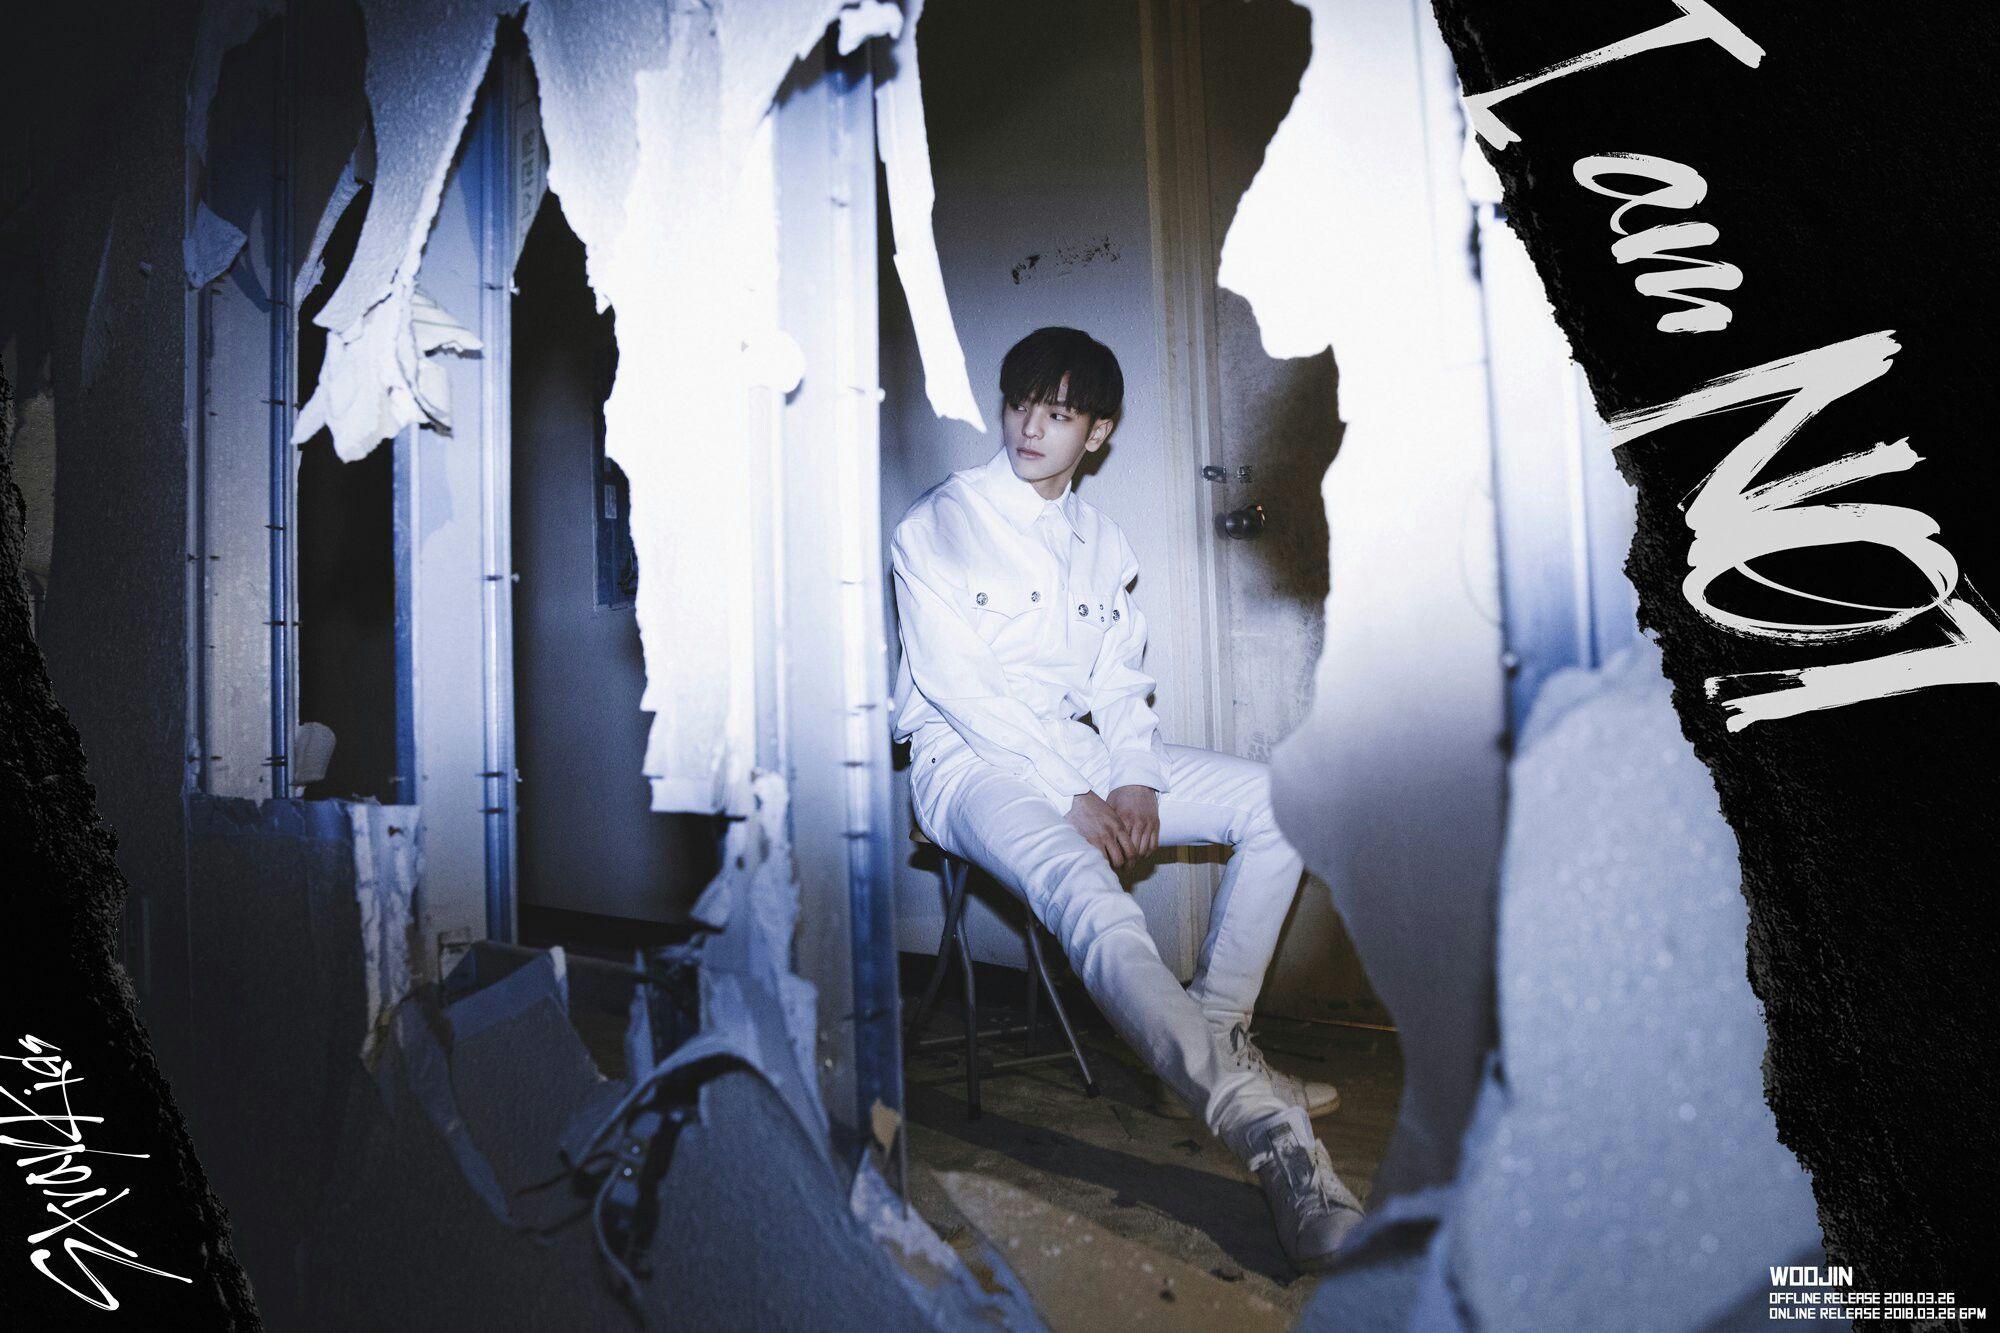 Pin by Robin James on K-POP | Lee min ho, Wattpad, Jin